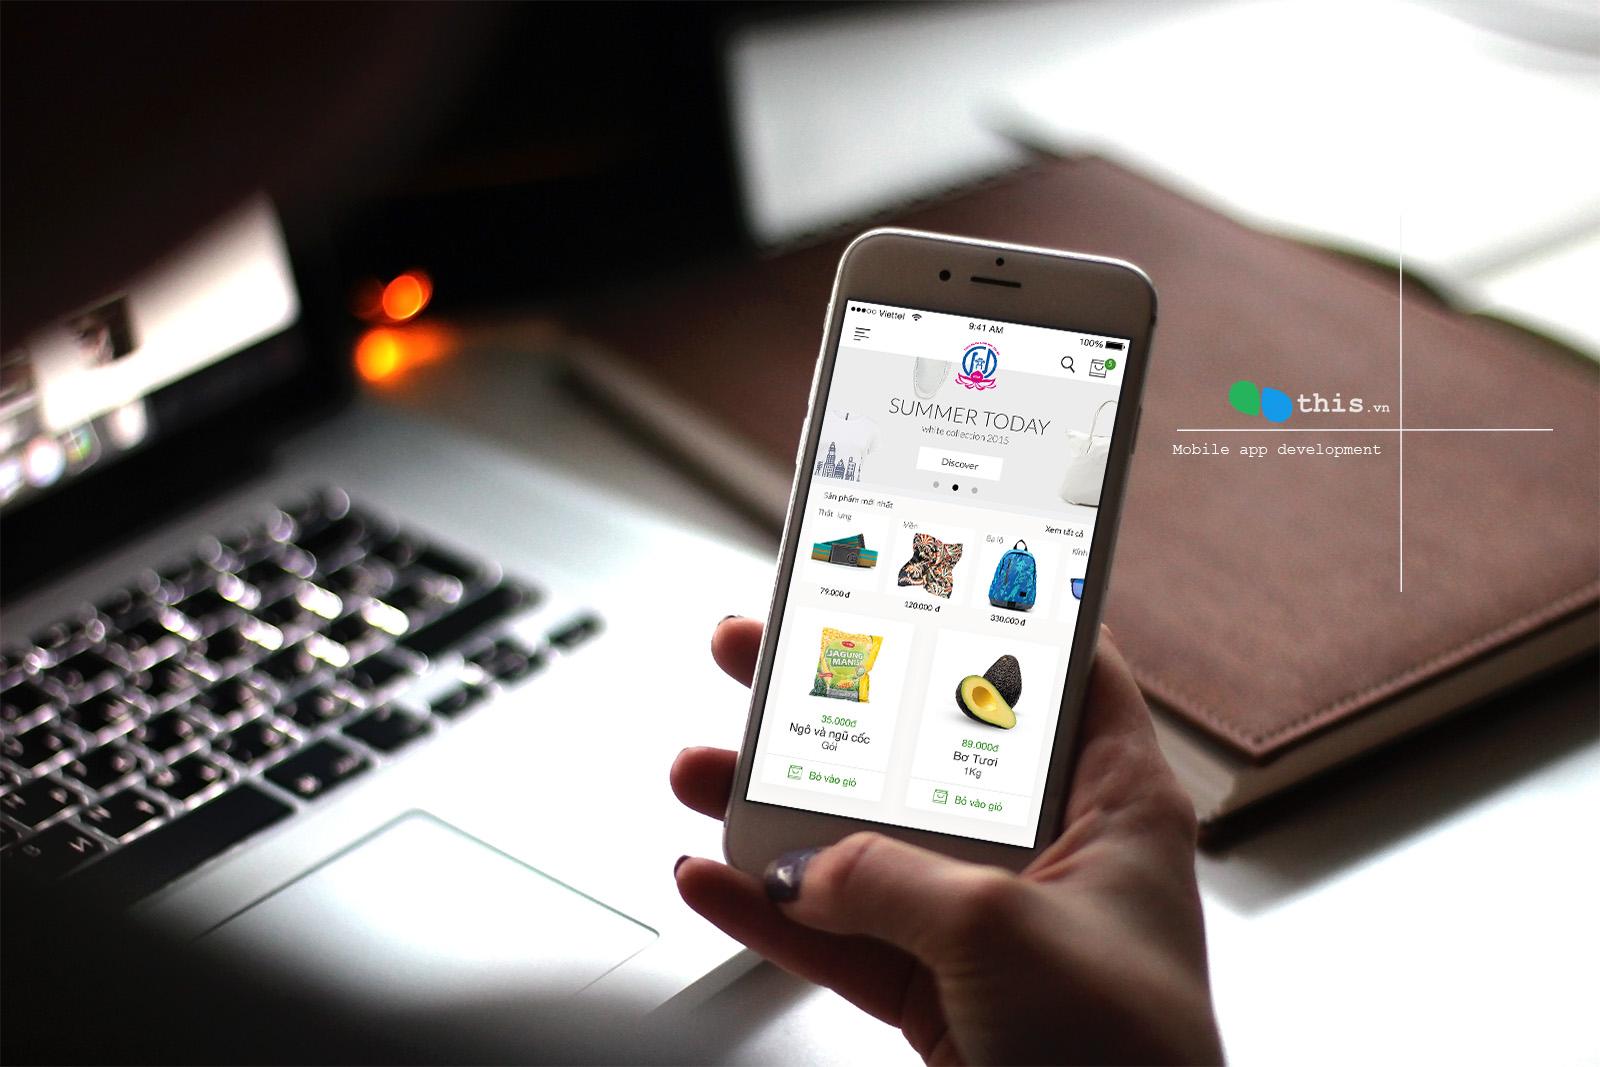 Viết ứng dụng thương mại điện tử